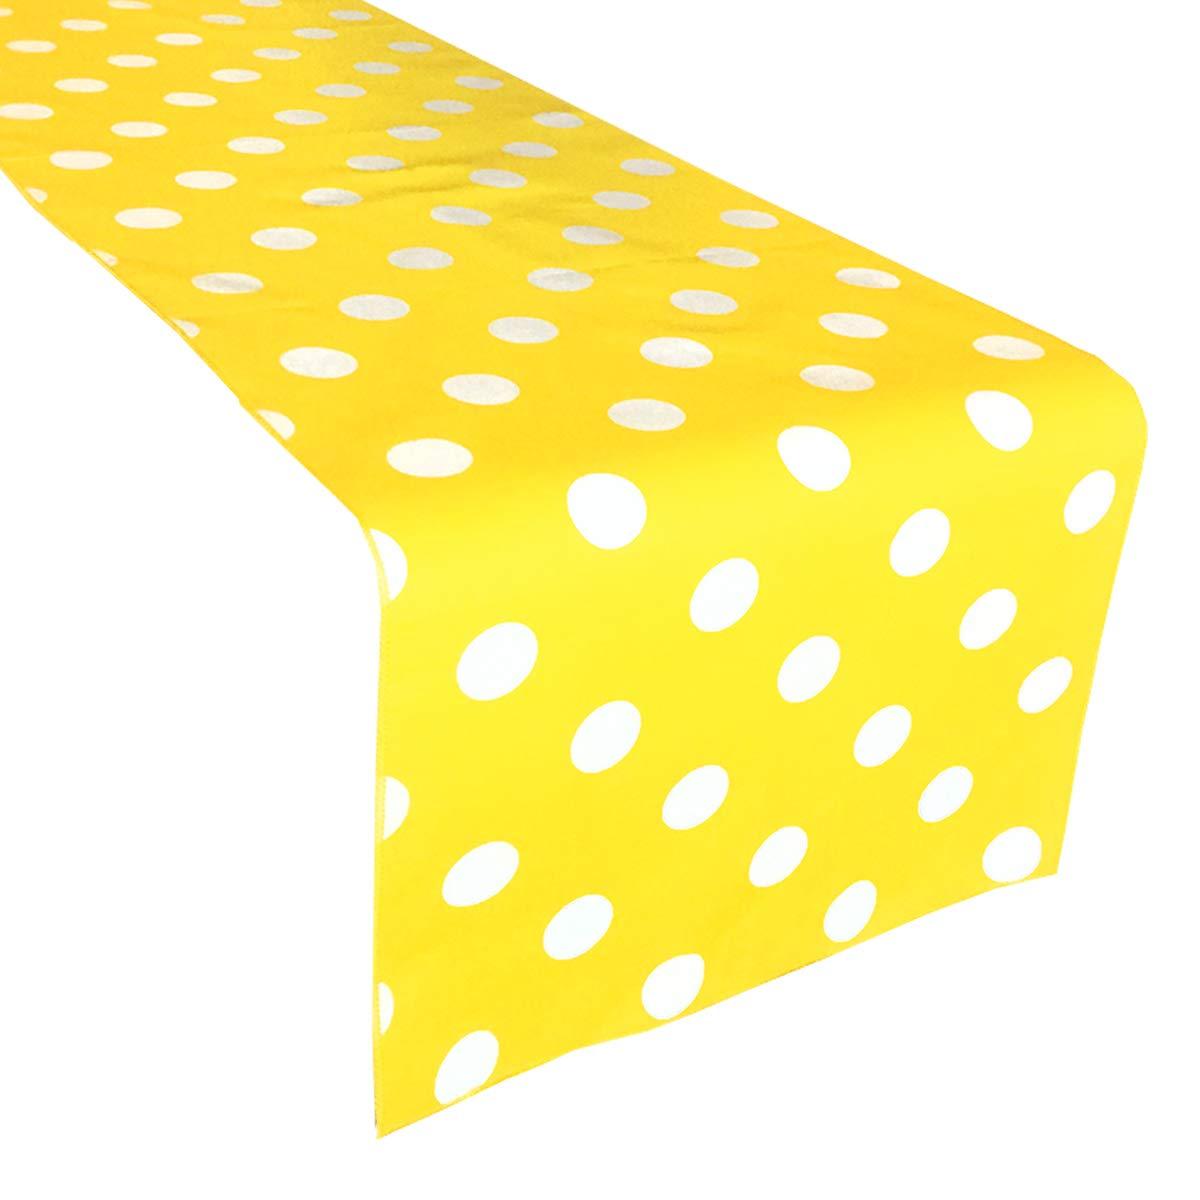 lovemyfabric装飾コットンホワイトPolka Dots on /スポットイエローパーティーイベント結婚式のための印刷ホーム装飾テーブルランナー。12